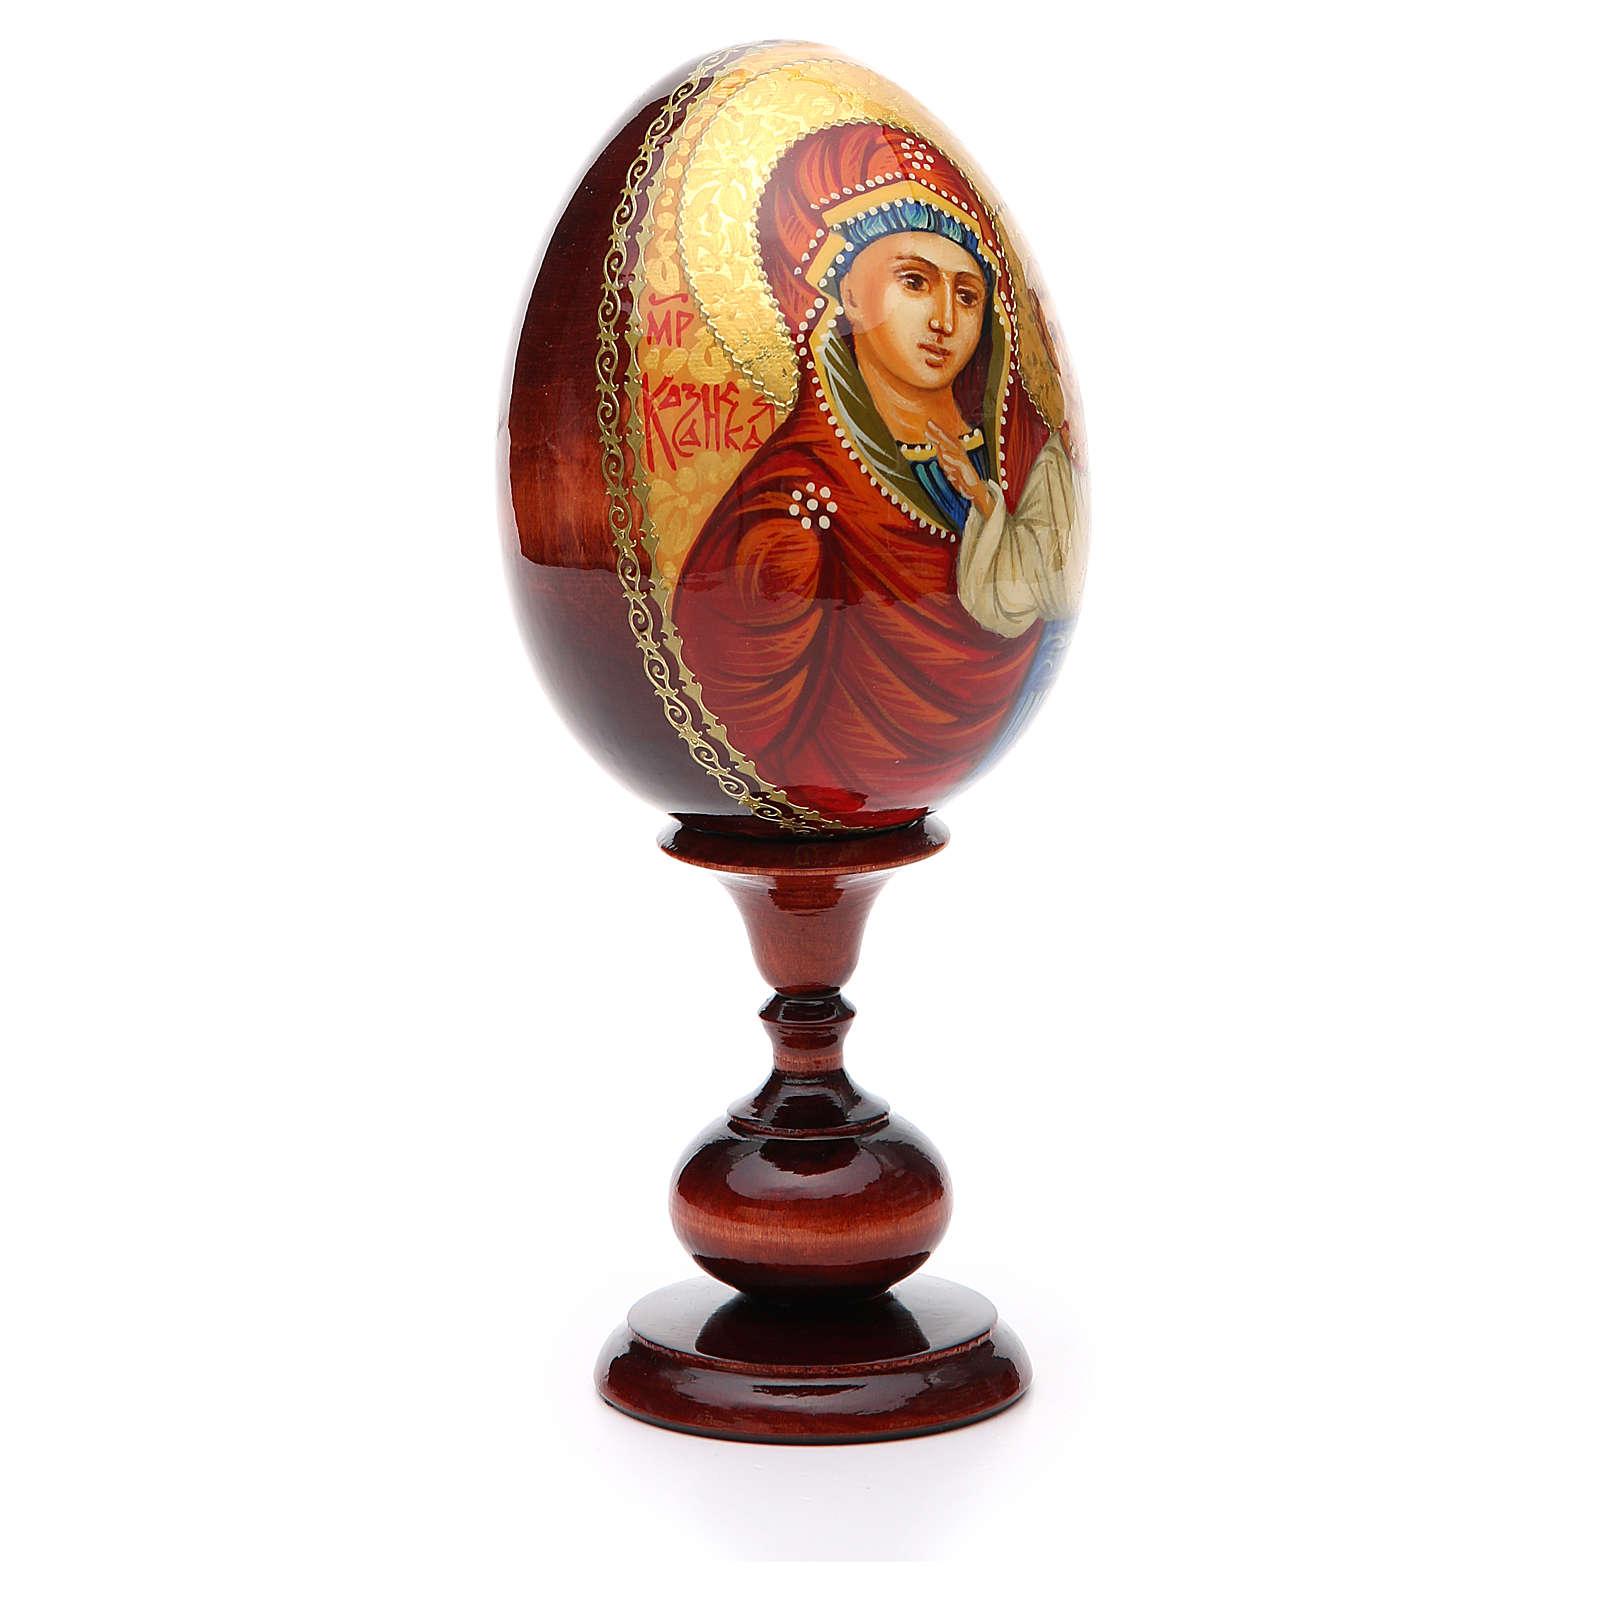 Jajko ikona rosyjska RĘCZNIE MALOWANA Kazanskaya wys. całk. 20 cm 4